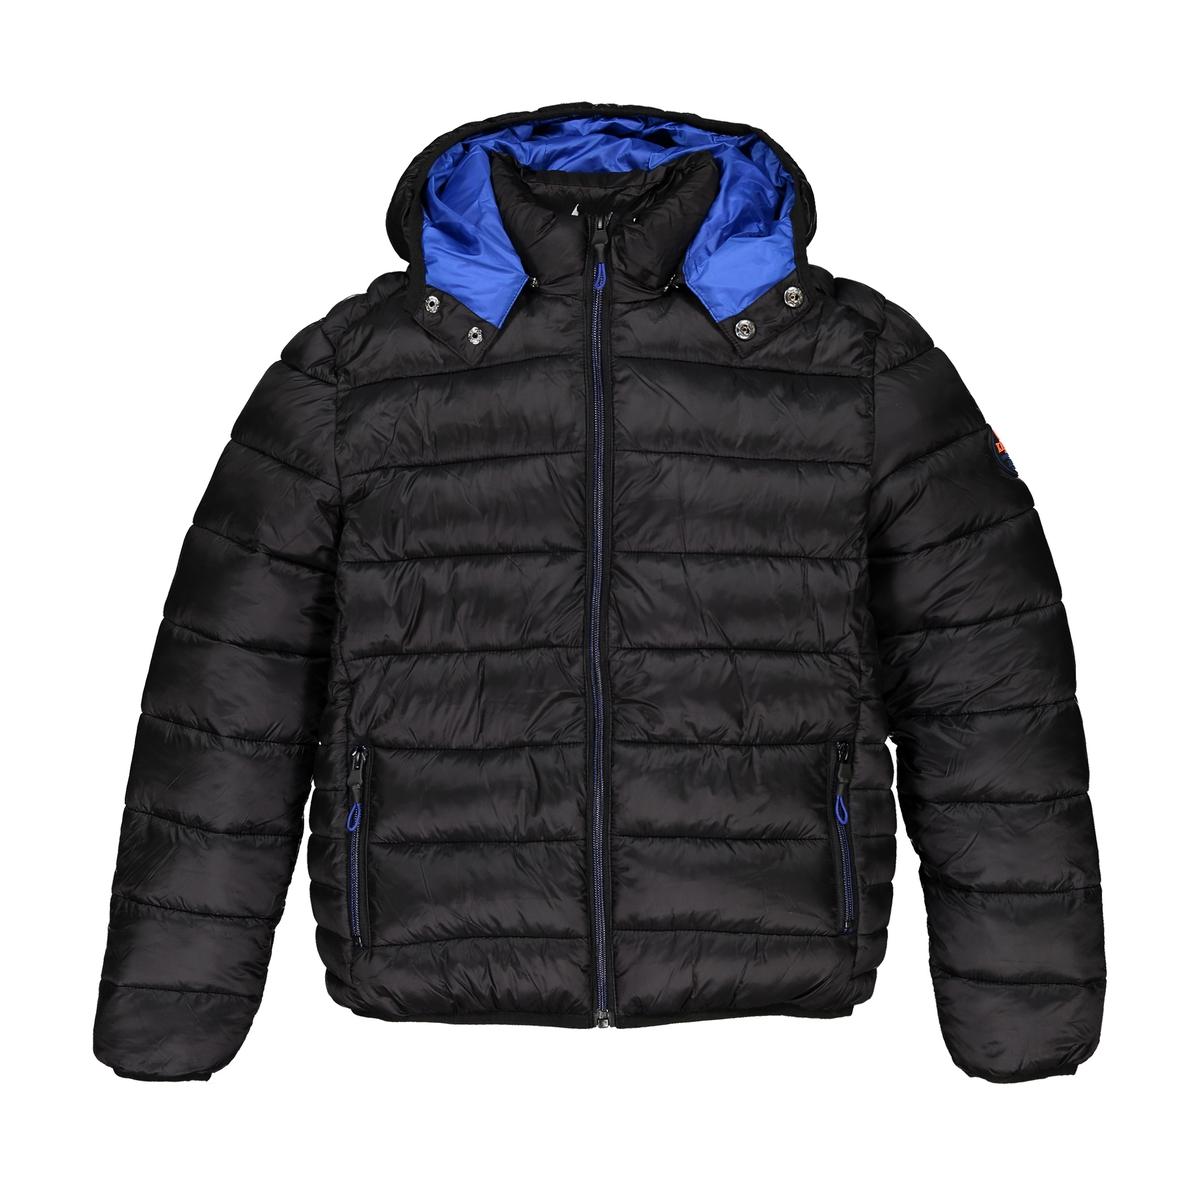 Куртка La Redoute Стеганая с капюшоном 10 лет - 138 см черный шорты la redoute пляжные с рисунком 10 лет 138 см черный